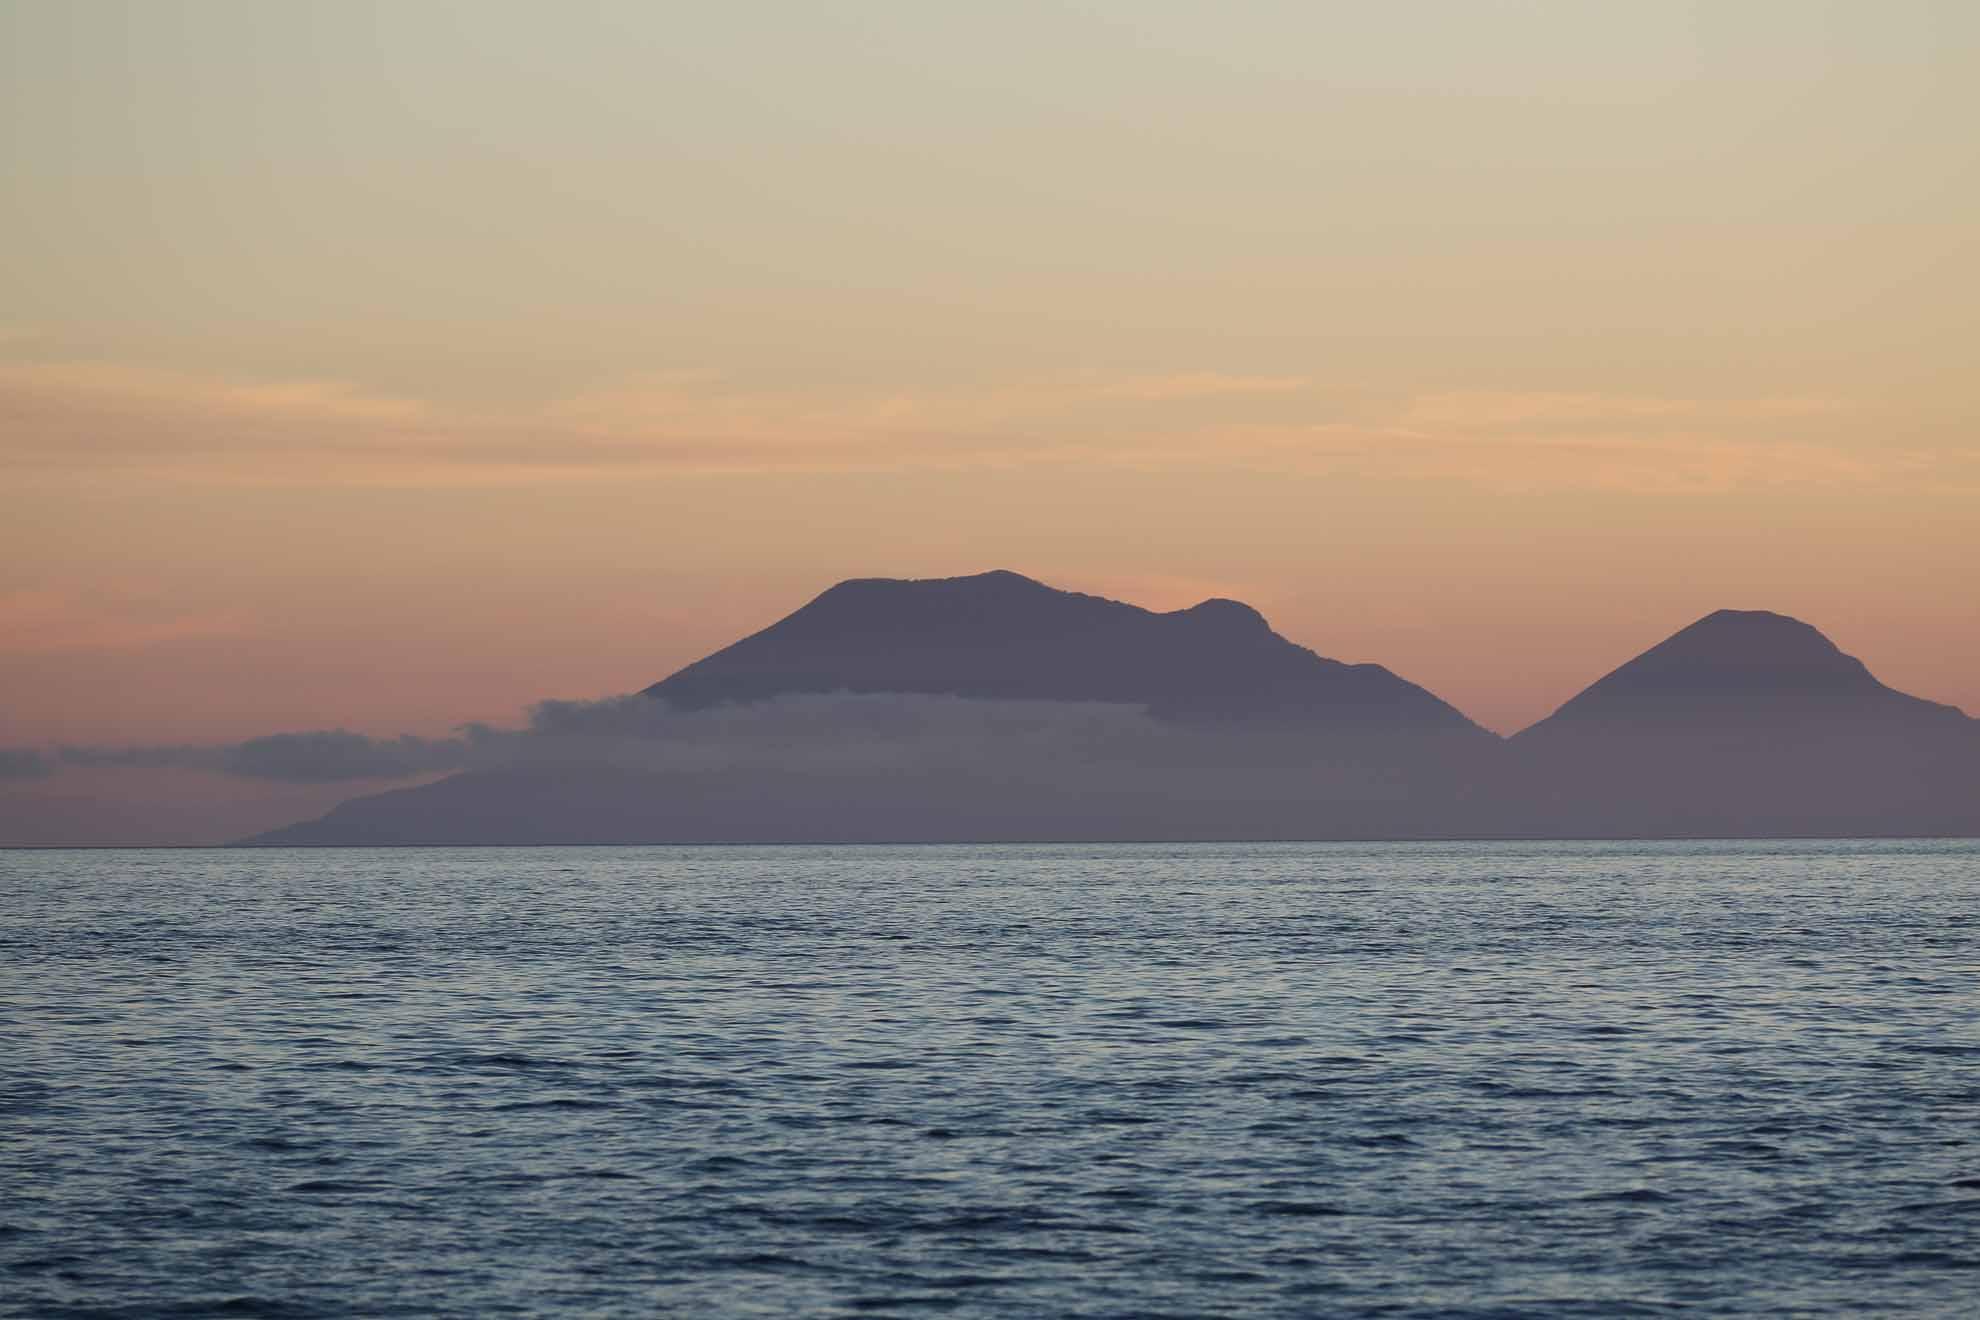 Die Distanzen zwischen den Liparische Inseln sind gering. In diesem Revier rund um Sizilien findet übrigens jährlich das Rolex Middle Sea Race statt.